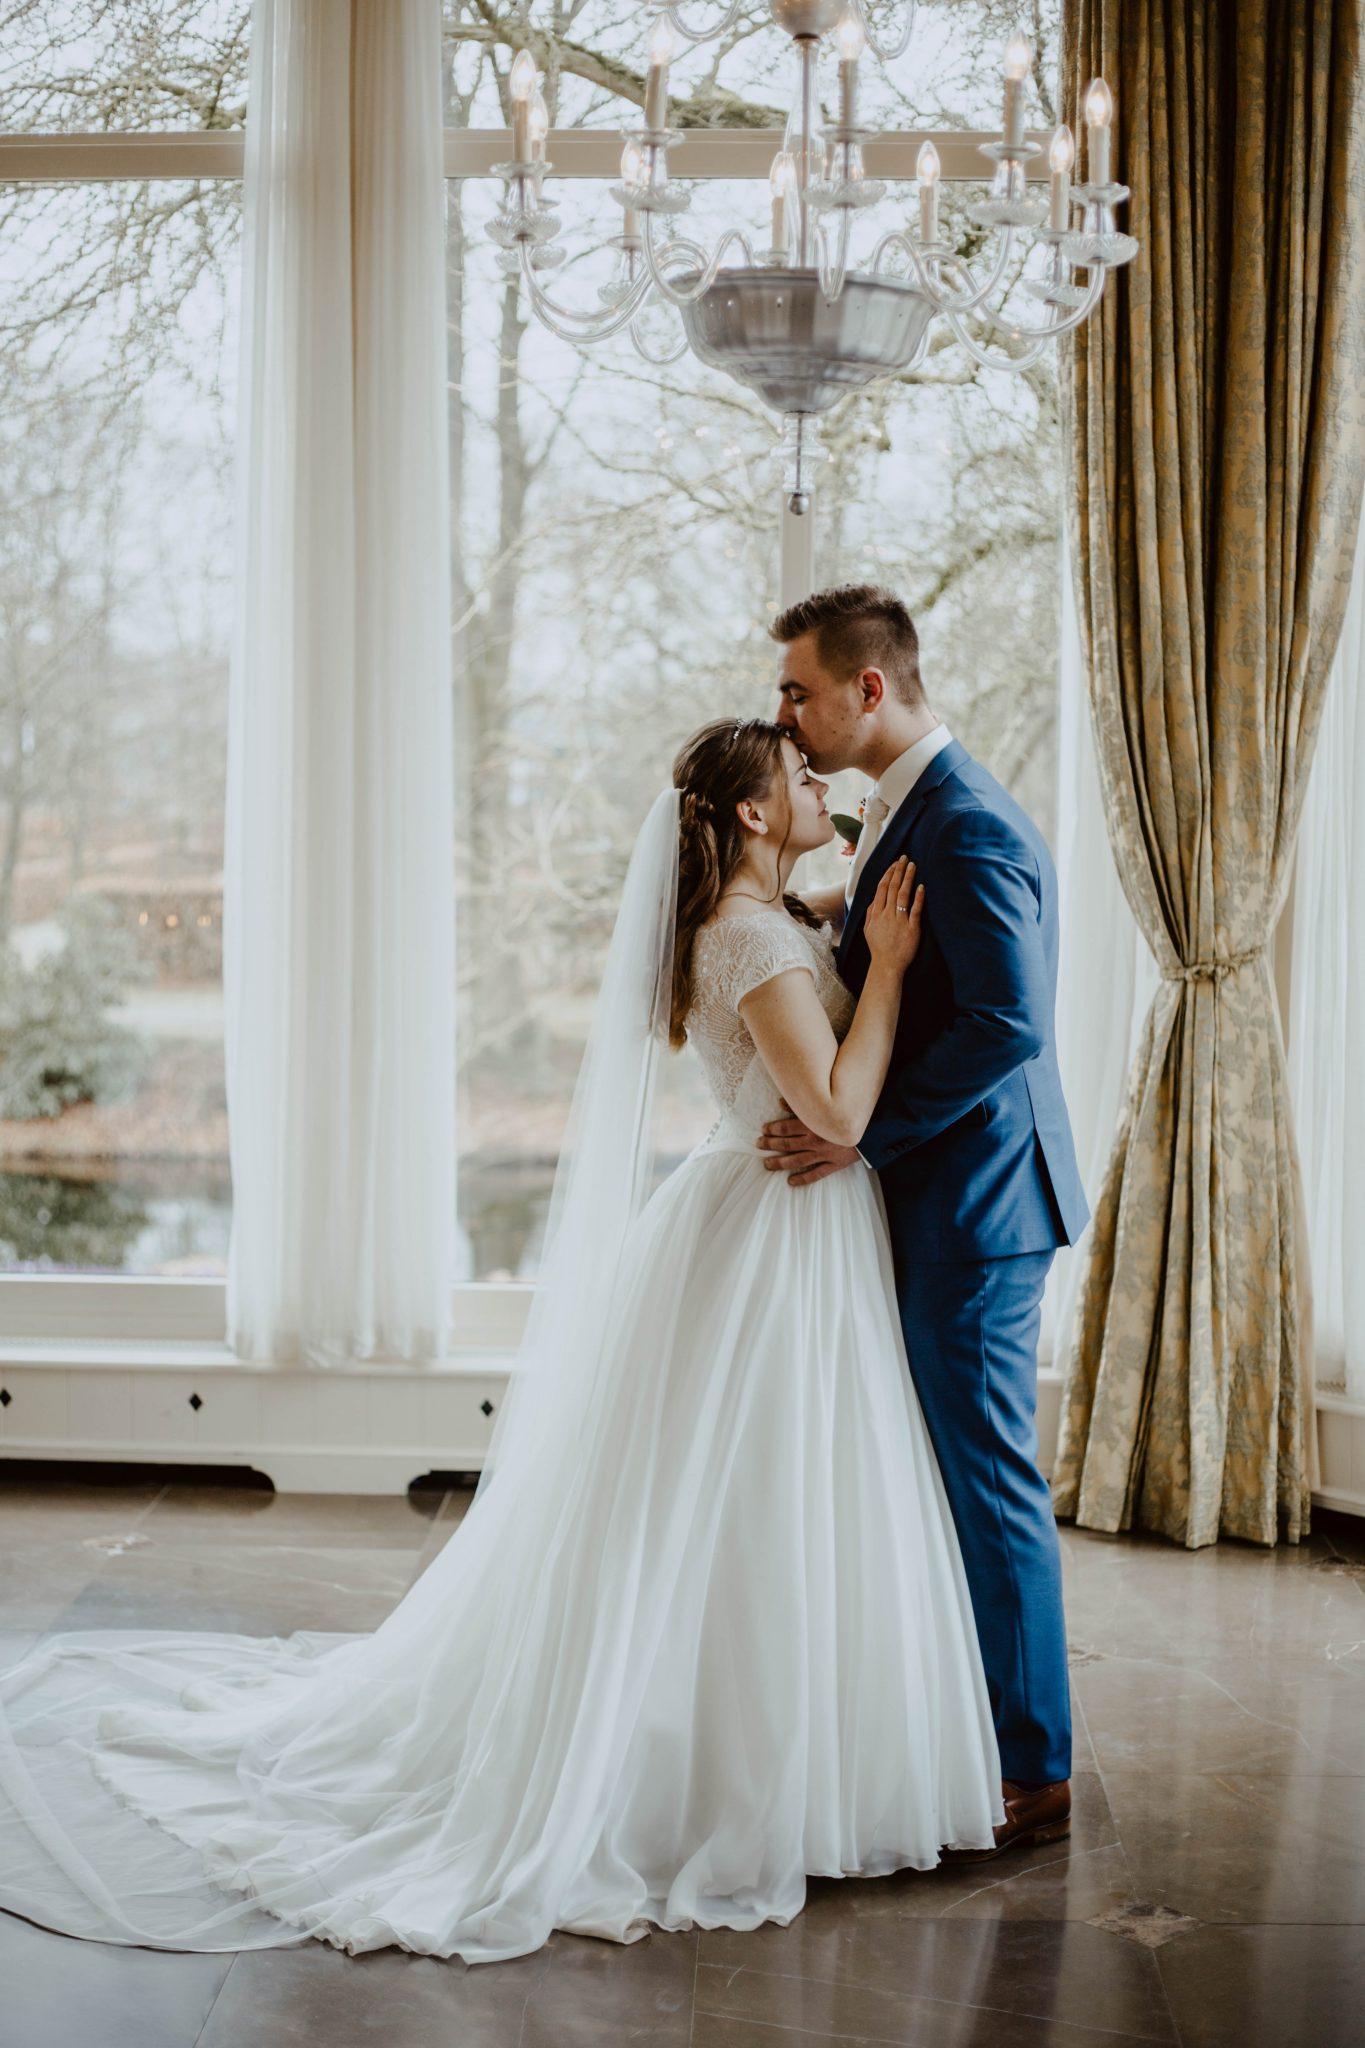 Fotoreportage bruiloft met bruidsfotograaf in de Vanenburg Putten